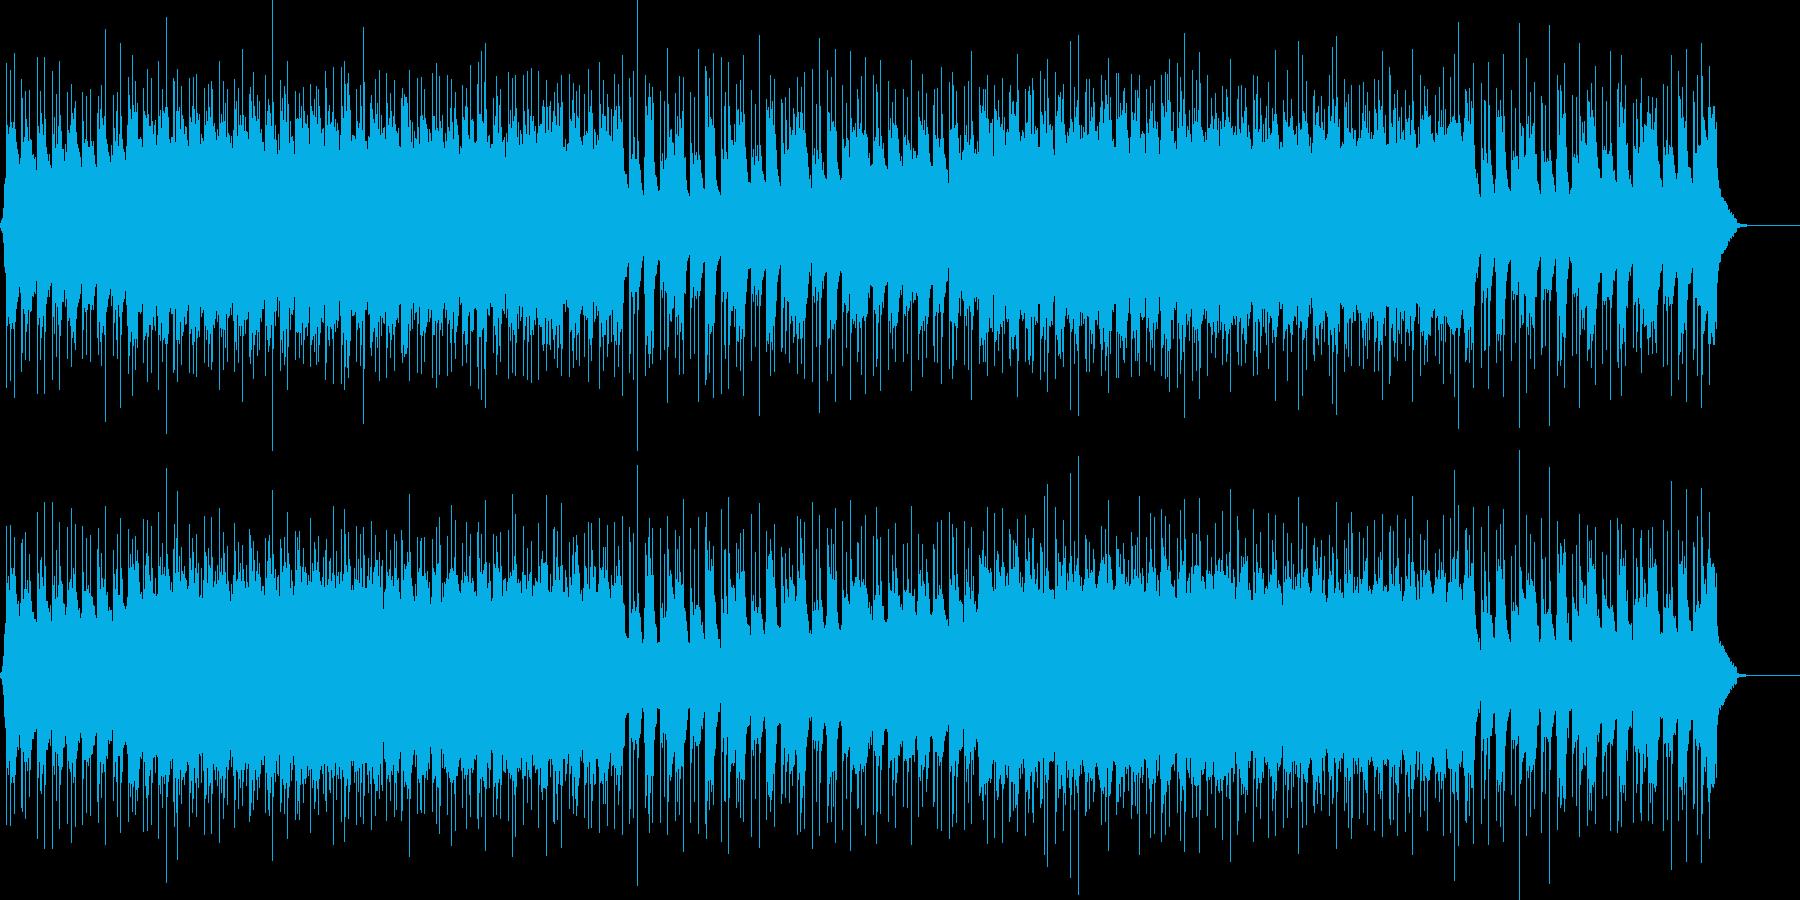 パワフルなギターのハードロックの再生済みの波形